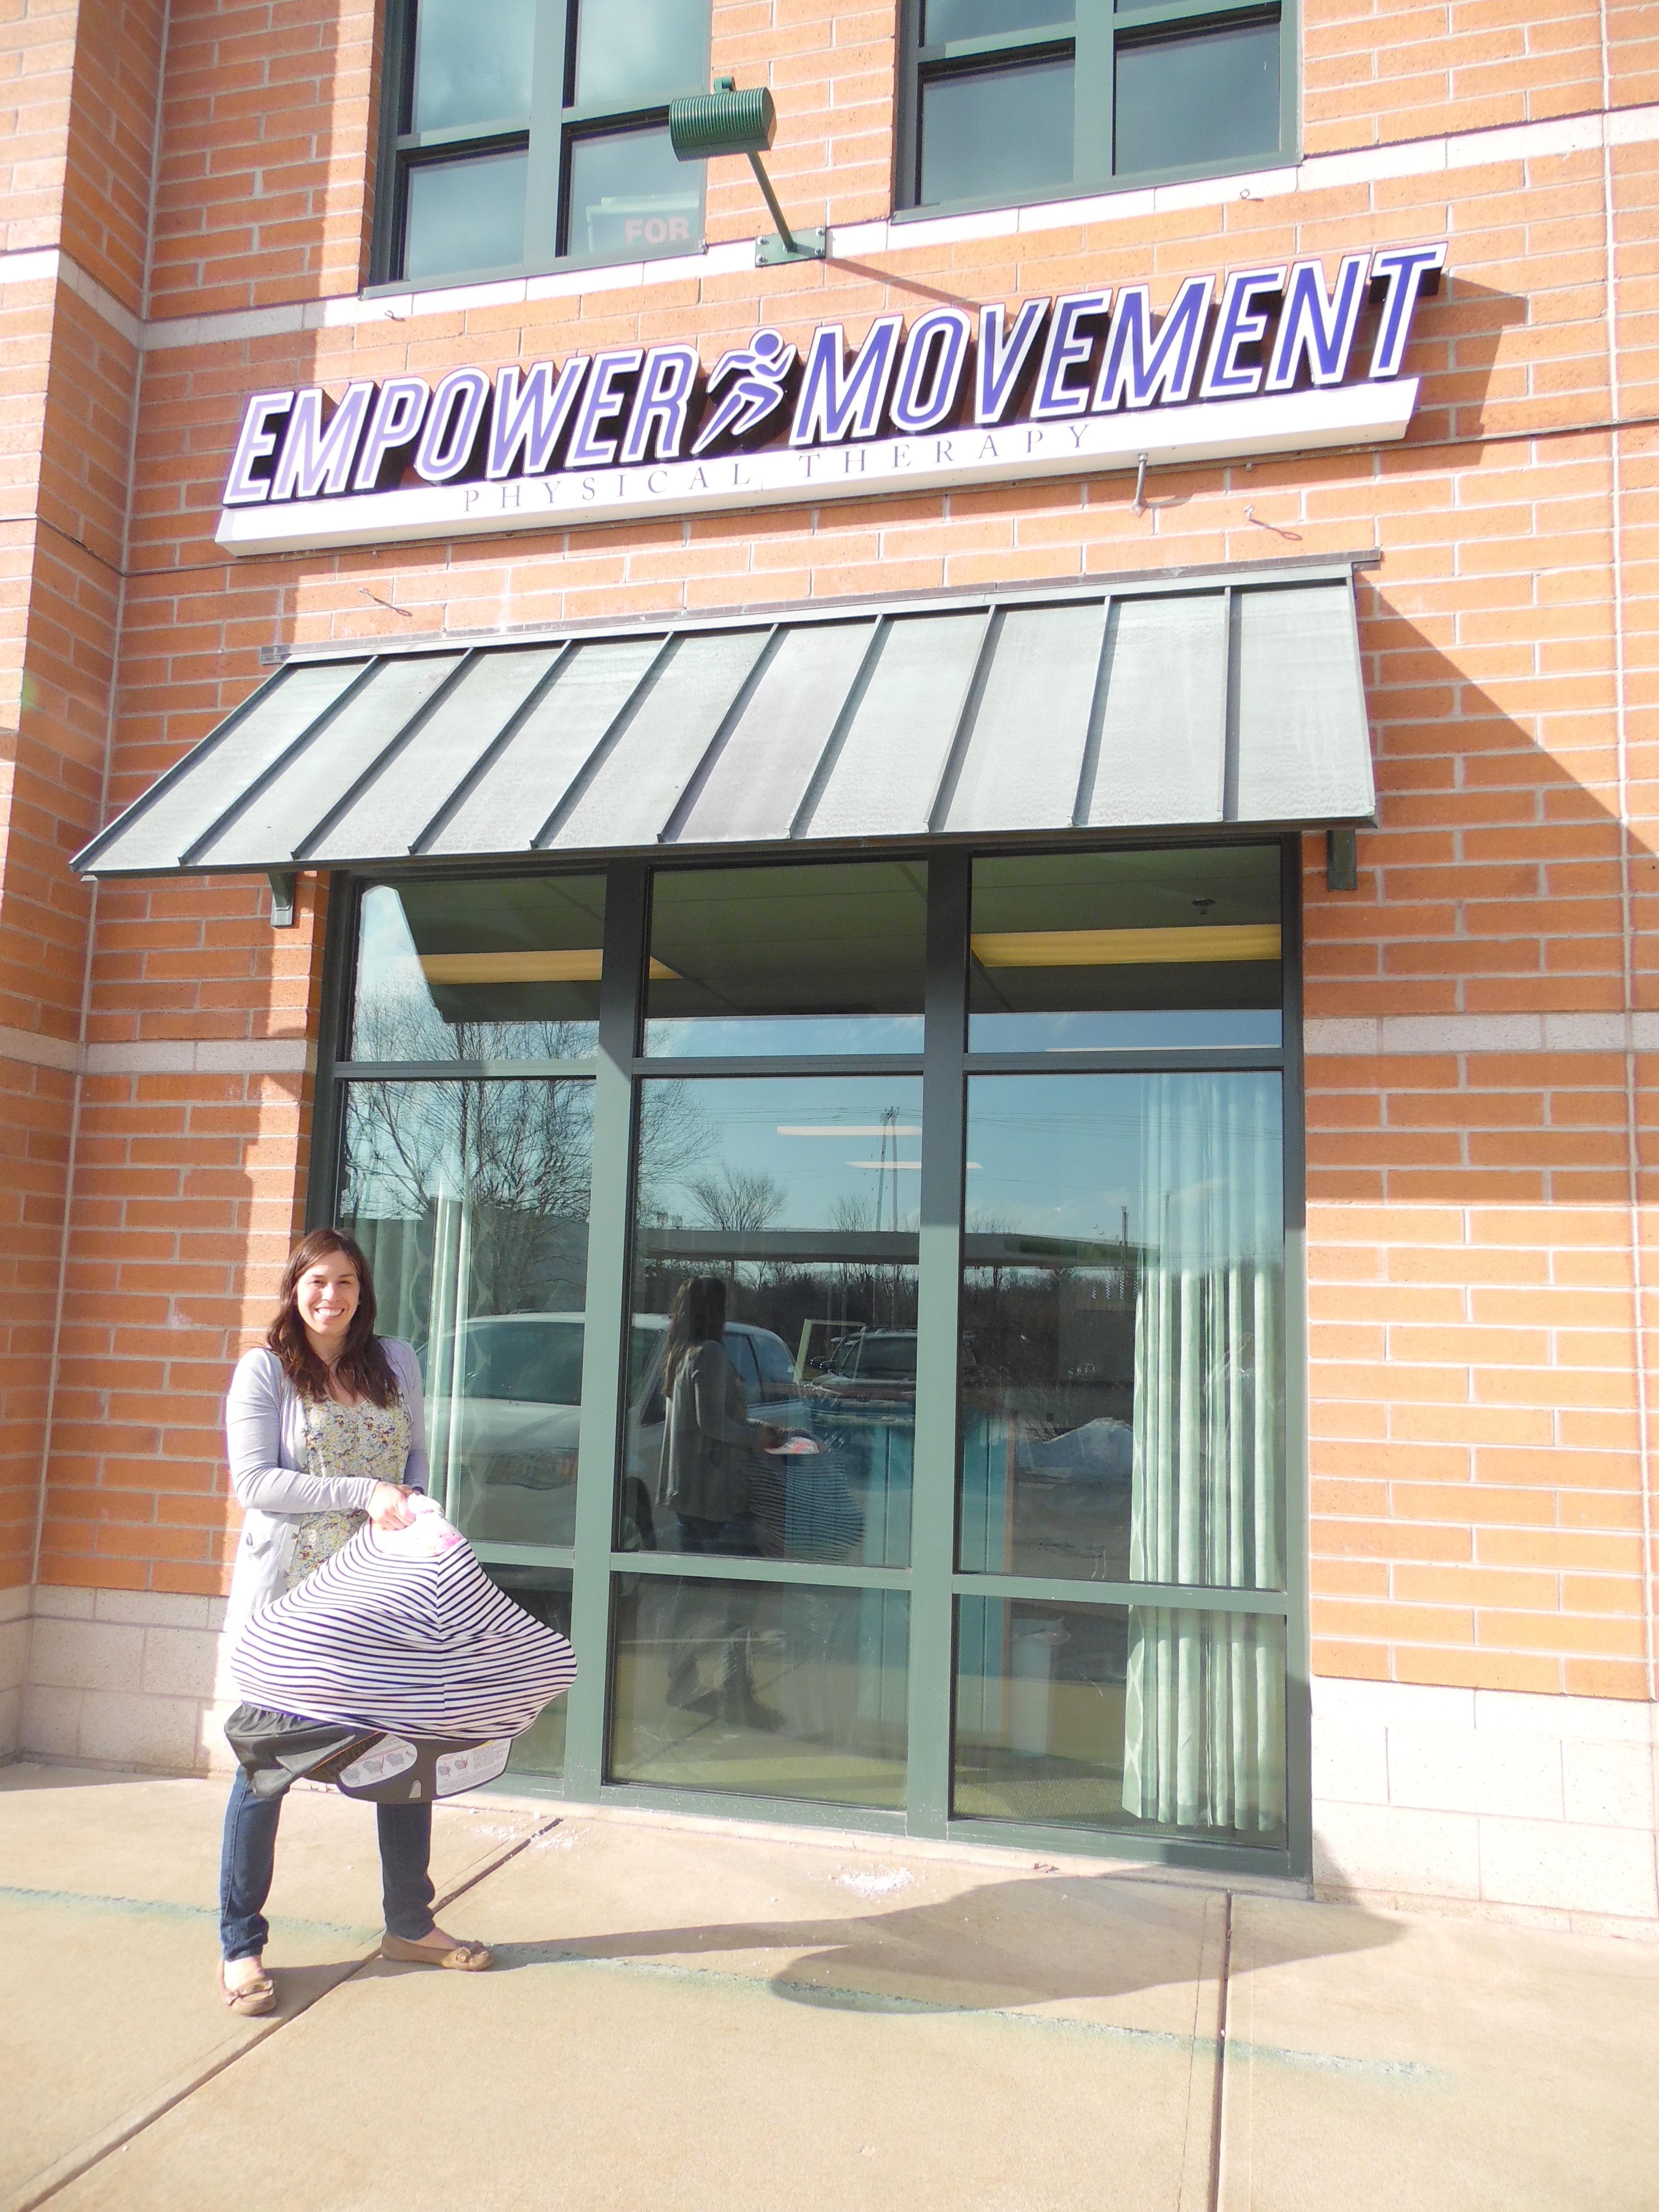 empower movement 2